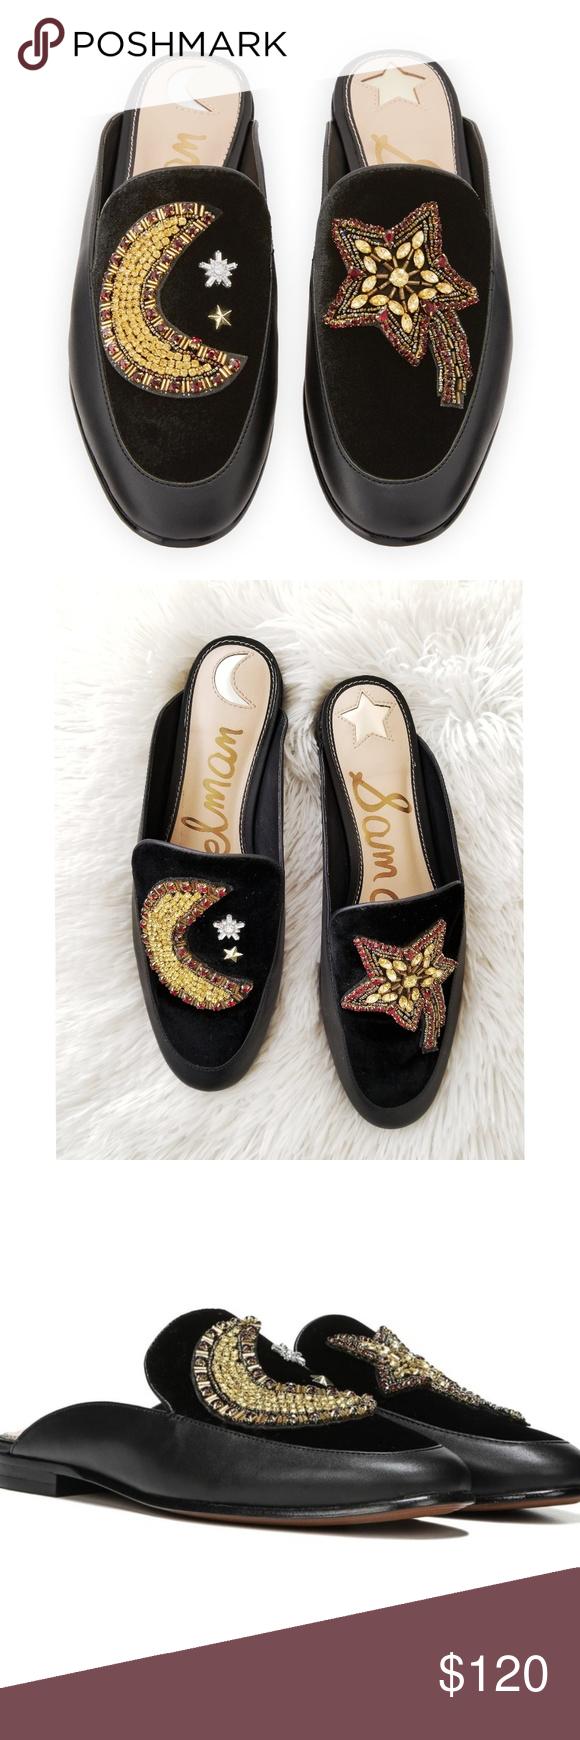 ba1982c91 Sam Edelman Pemberly Velvet Loafer Moon and Stars Size 7.5 Sam Edelman black  leather and velvet